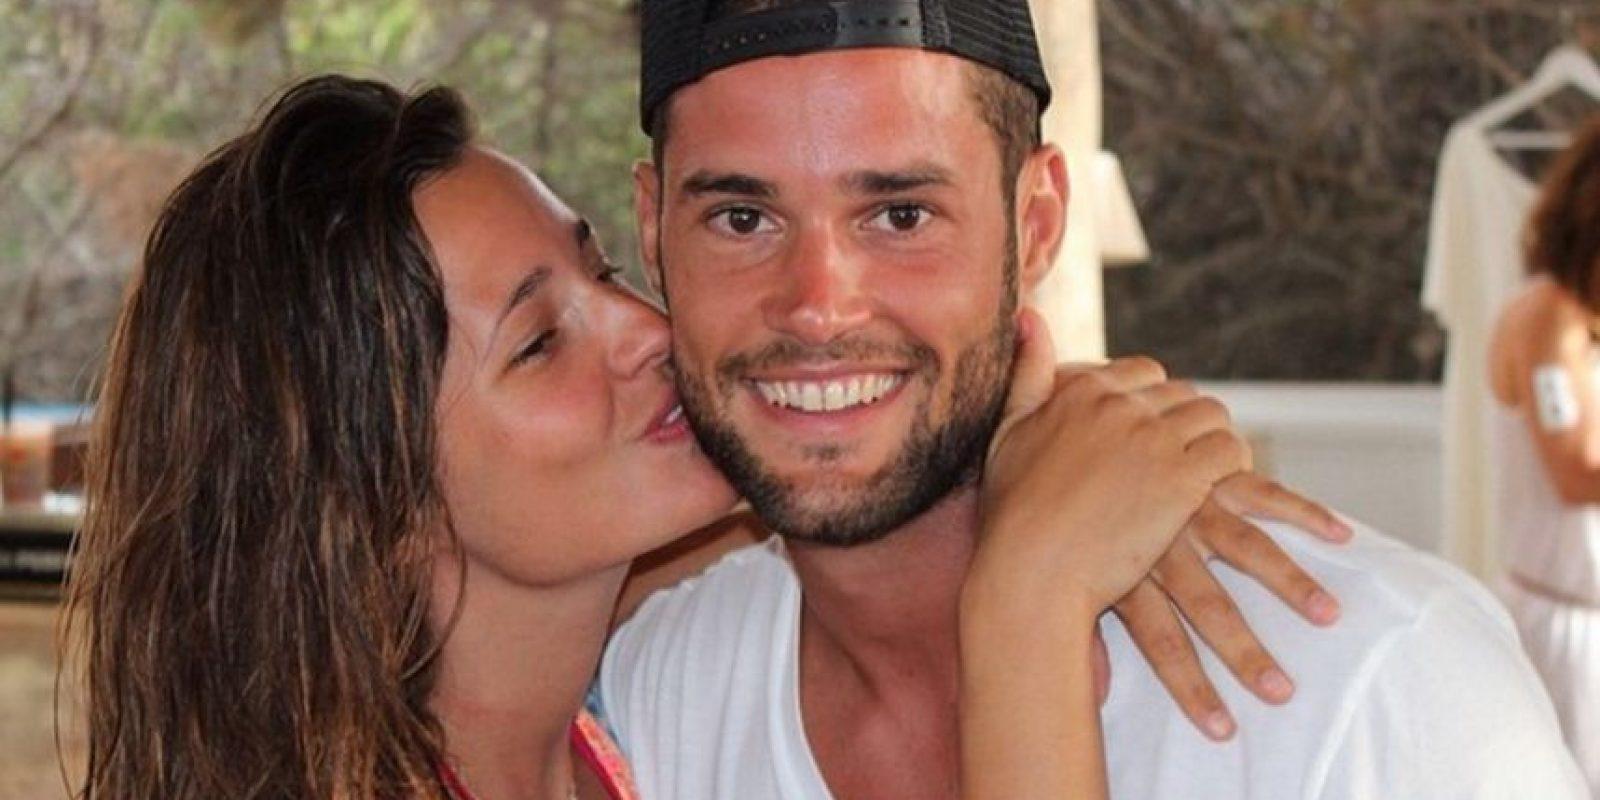 Es pareja de Mario Suárez, futbolista del Atlético de Madrid Foto:Instagram: @malenacosta7